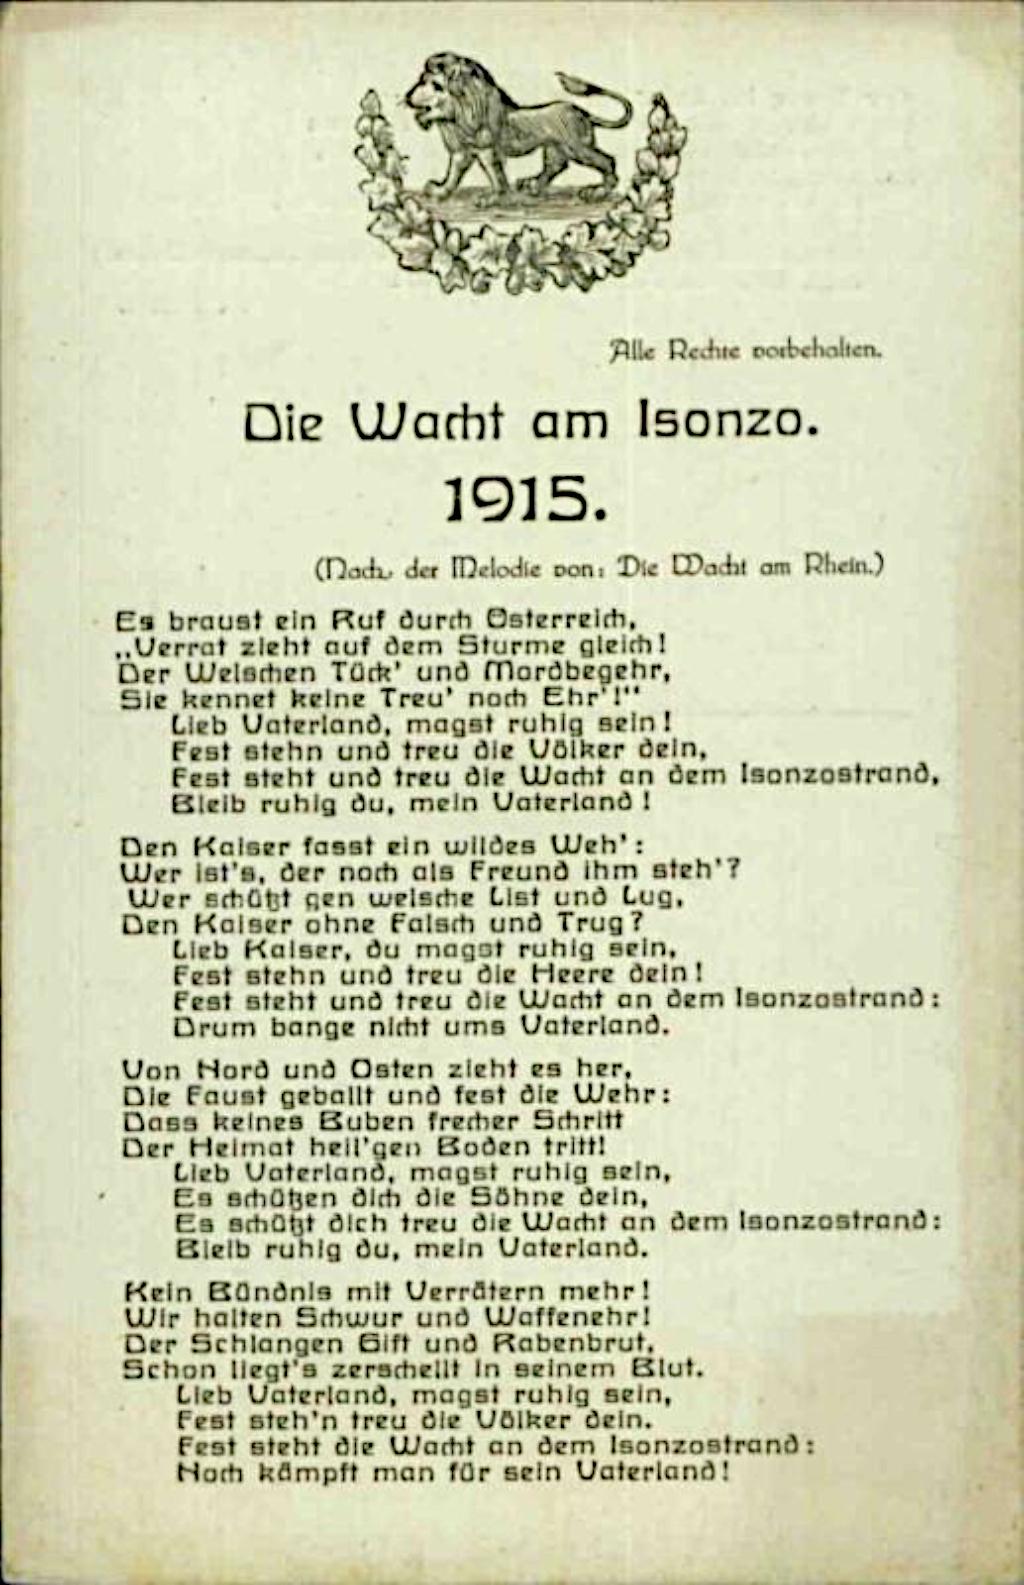 """1915, Postkarte. <br/>Quelle: <a href=""""https://onb.digital//result/10CB4307"""">Österreichische Nationalbibliothek</a> <br/>Lizenz: <a href=""""https://www.onb.ac.at/nutzung"""">Nutzung erlaubt</a>"""